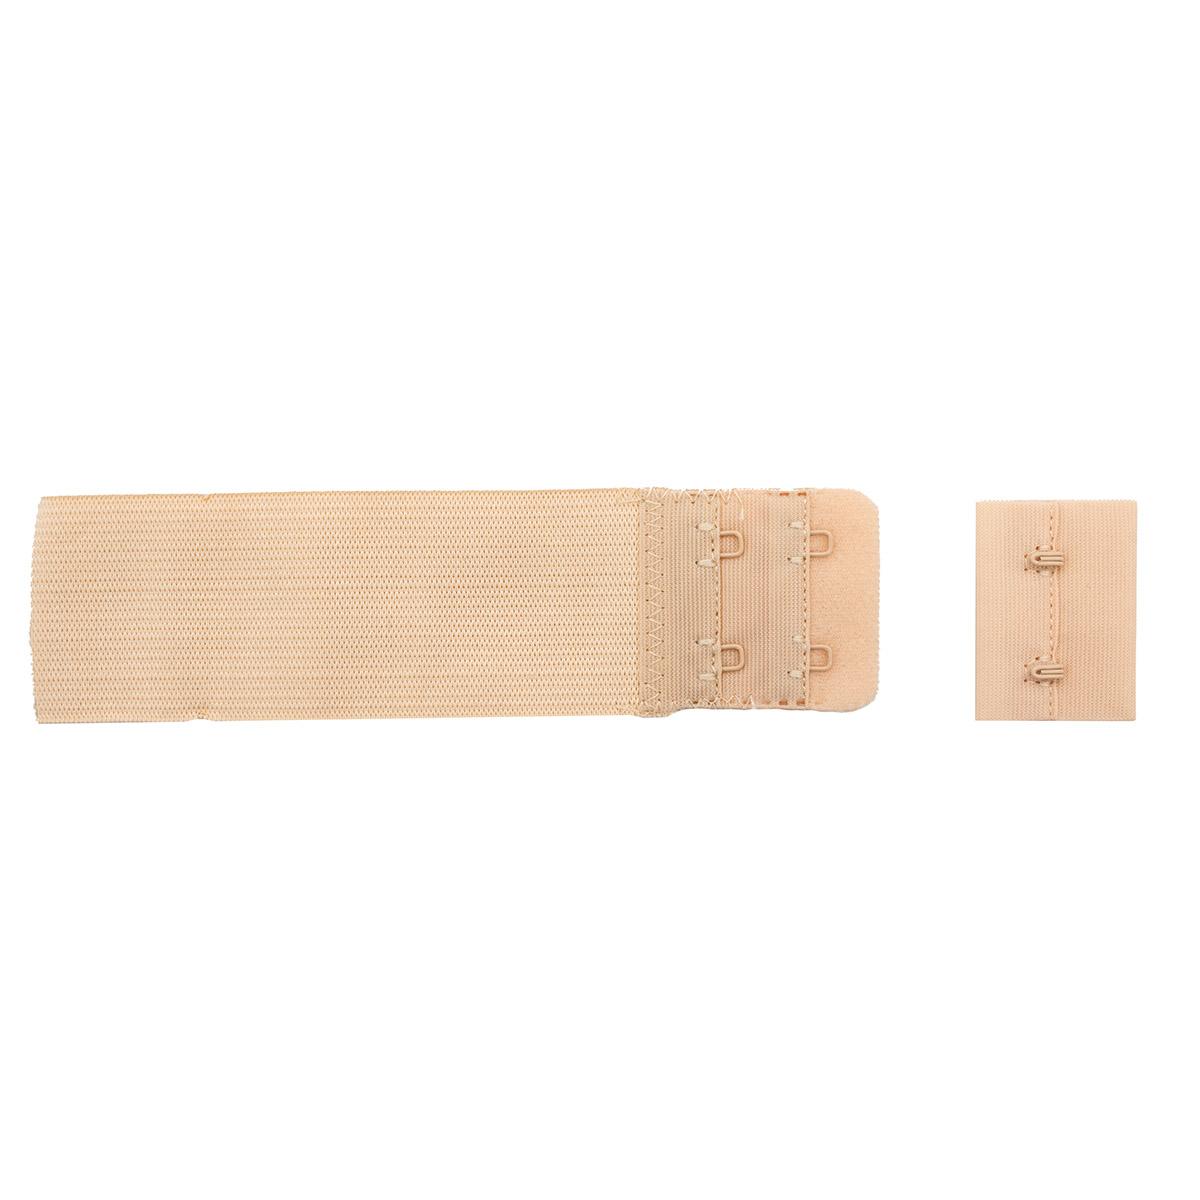 852103 Застежка для бюстгальтера, телесный, 38 мм, 2 крючка, Hobby&Pro